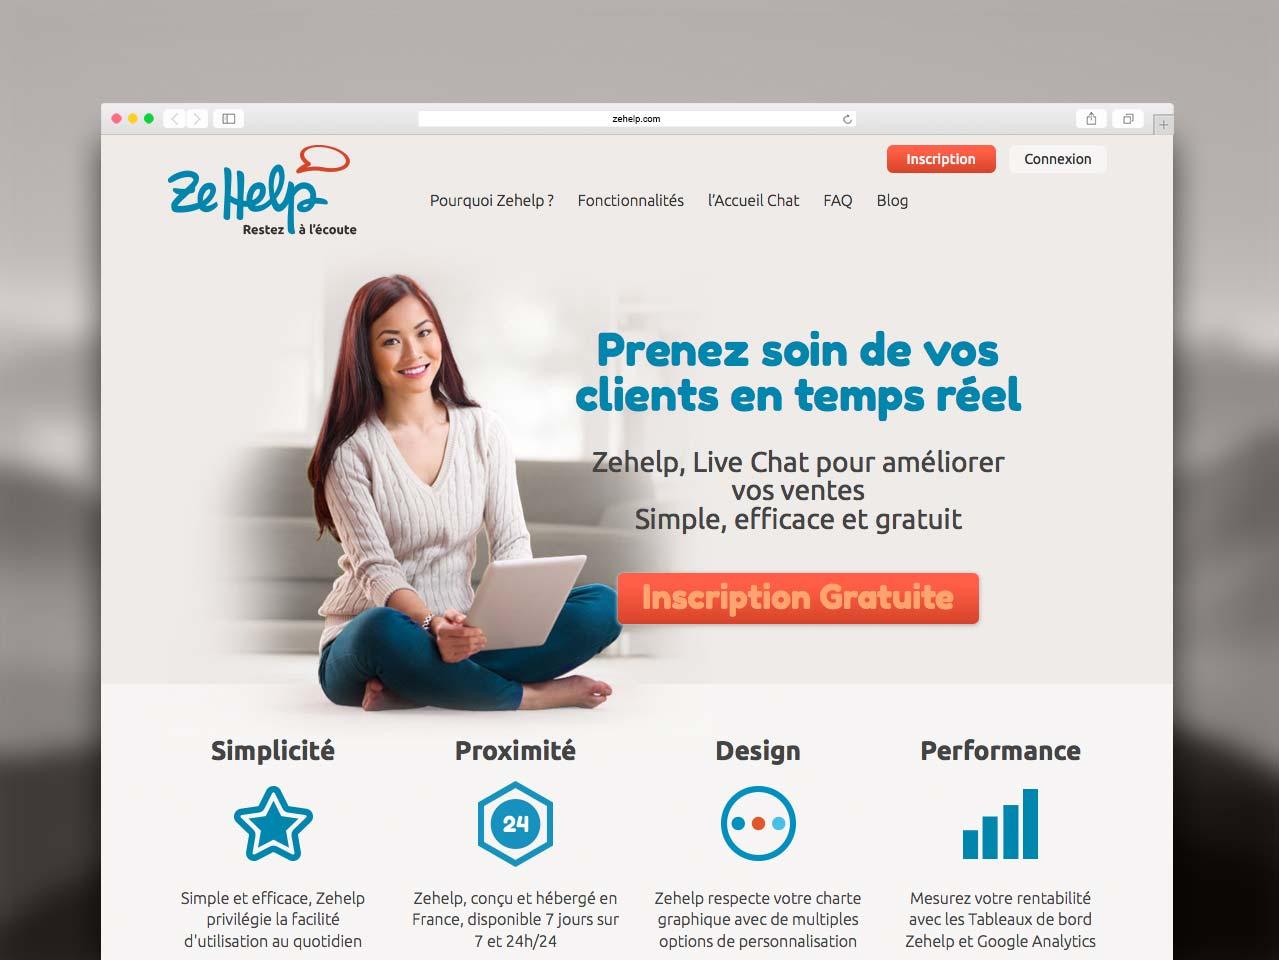 Page d'accueil Zehelp.com